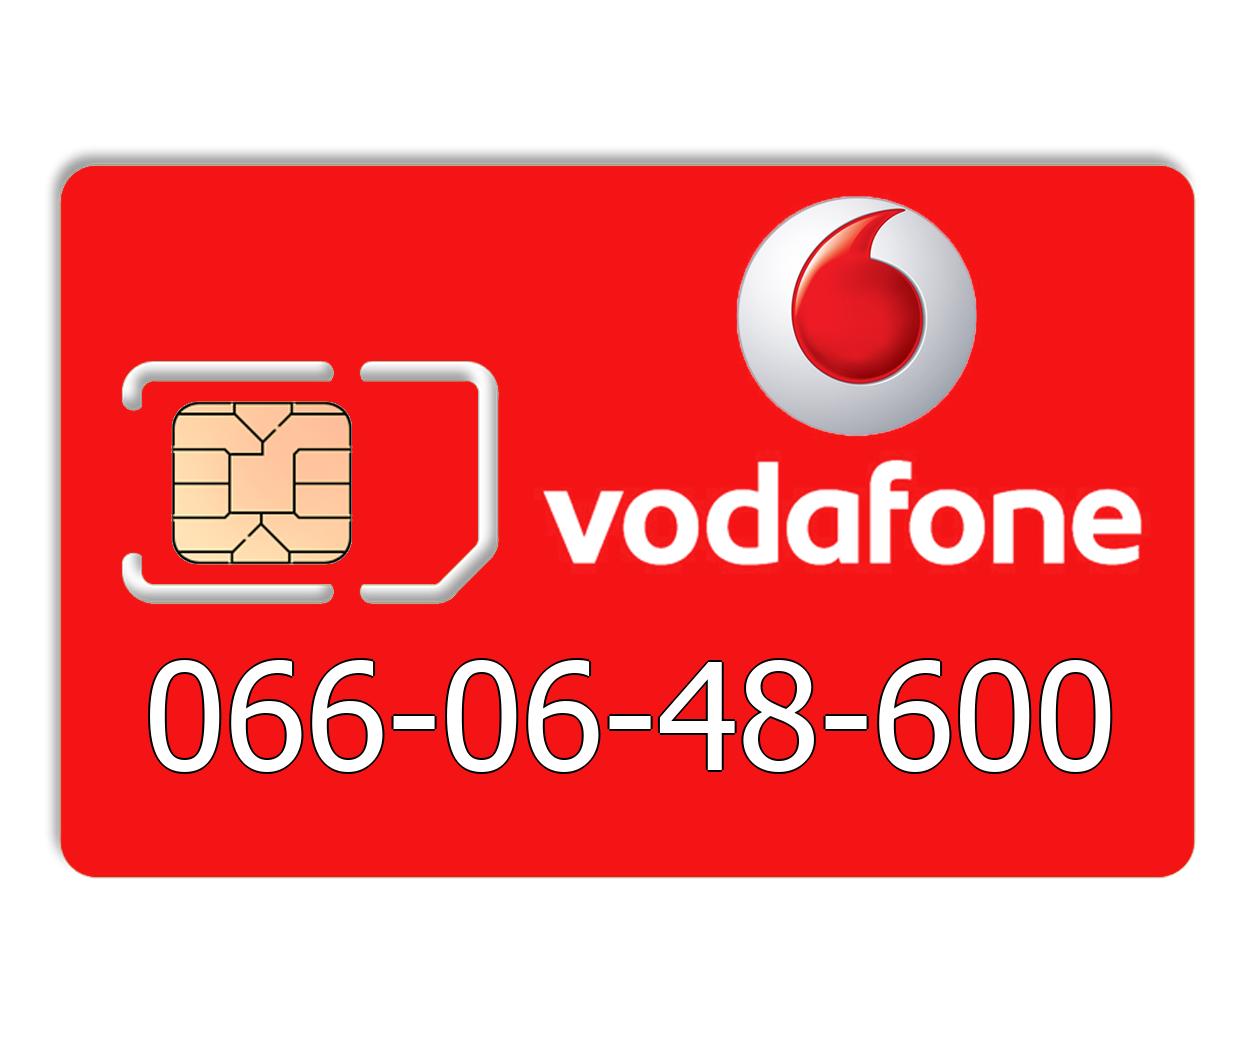 Красивый номер Vodafone 066-06-48-600